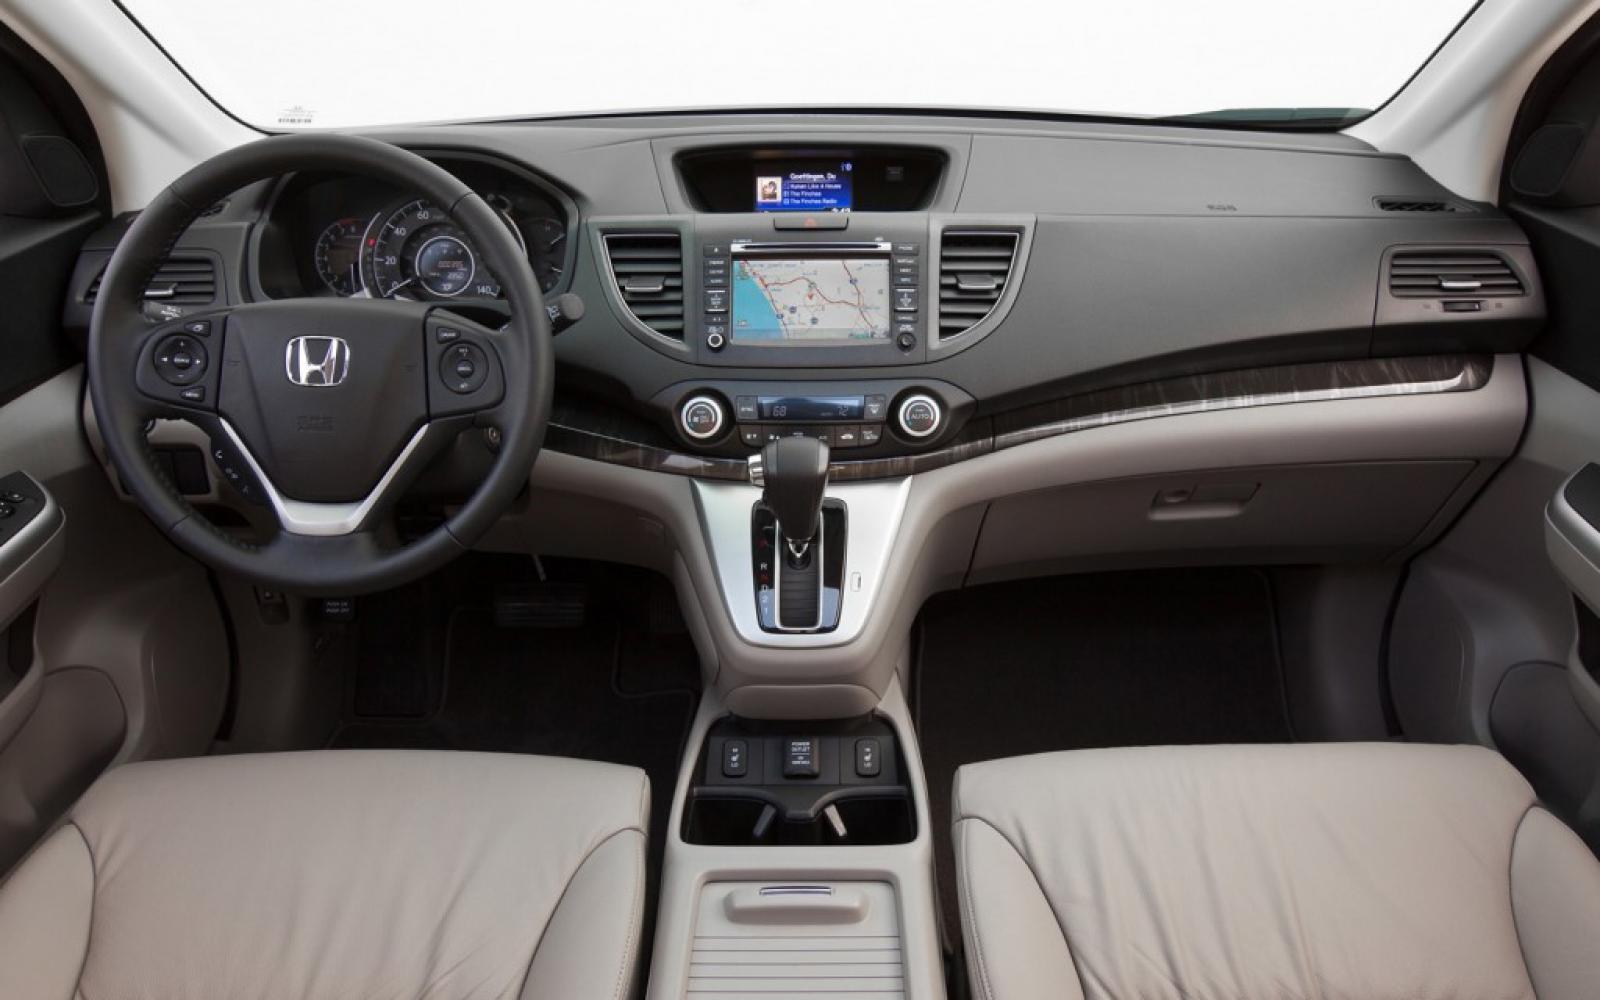 2013 Honda CR V #1 800 1024 1280 1600 Origin